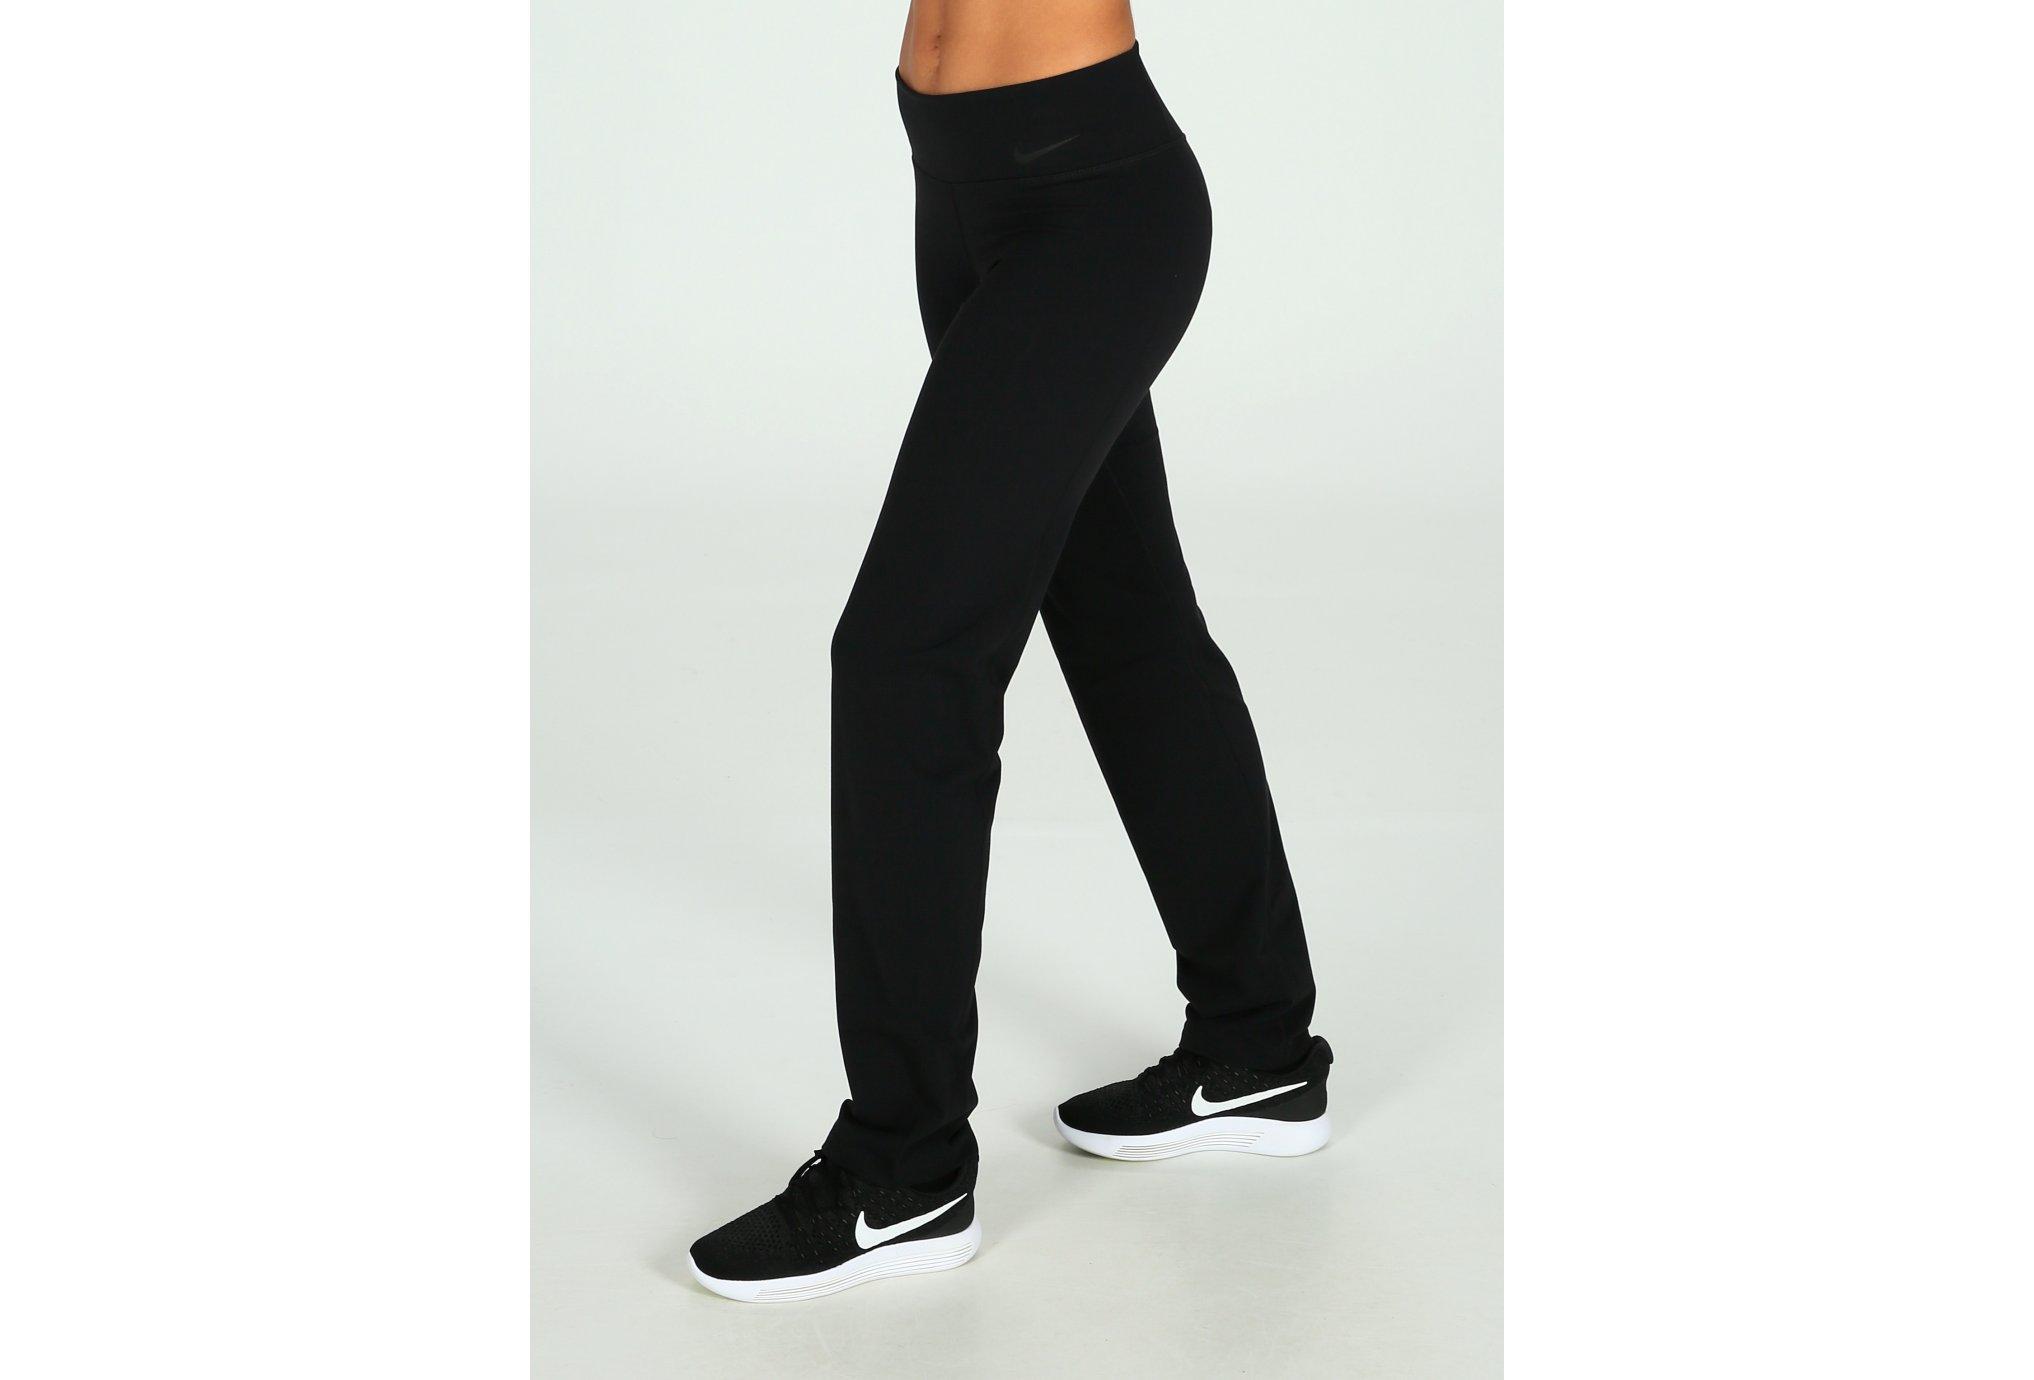 Nike Power Legendary Training Pant W Diététique Vêtements femme